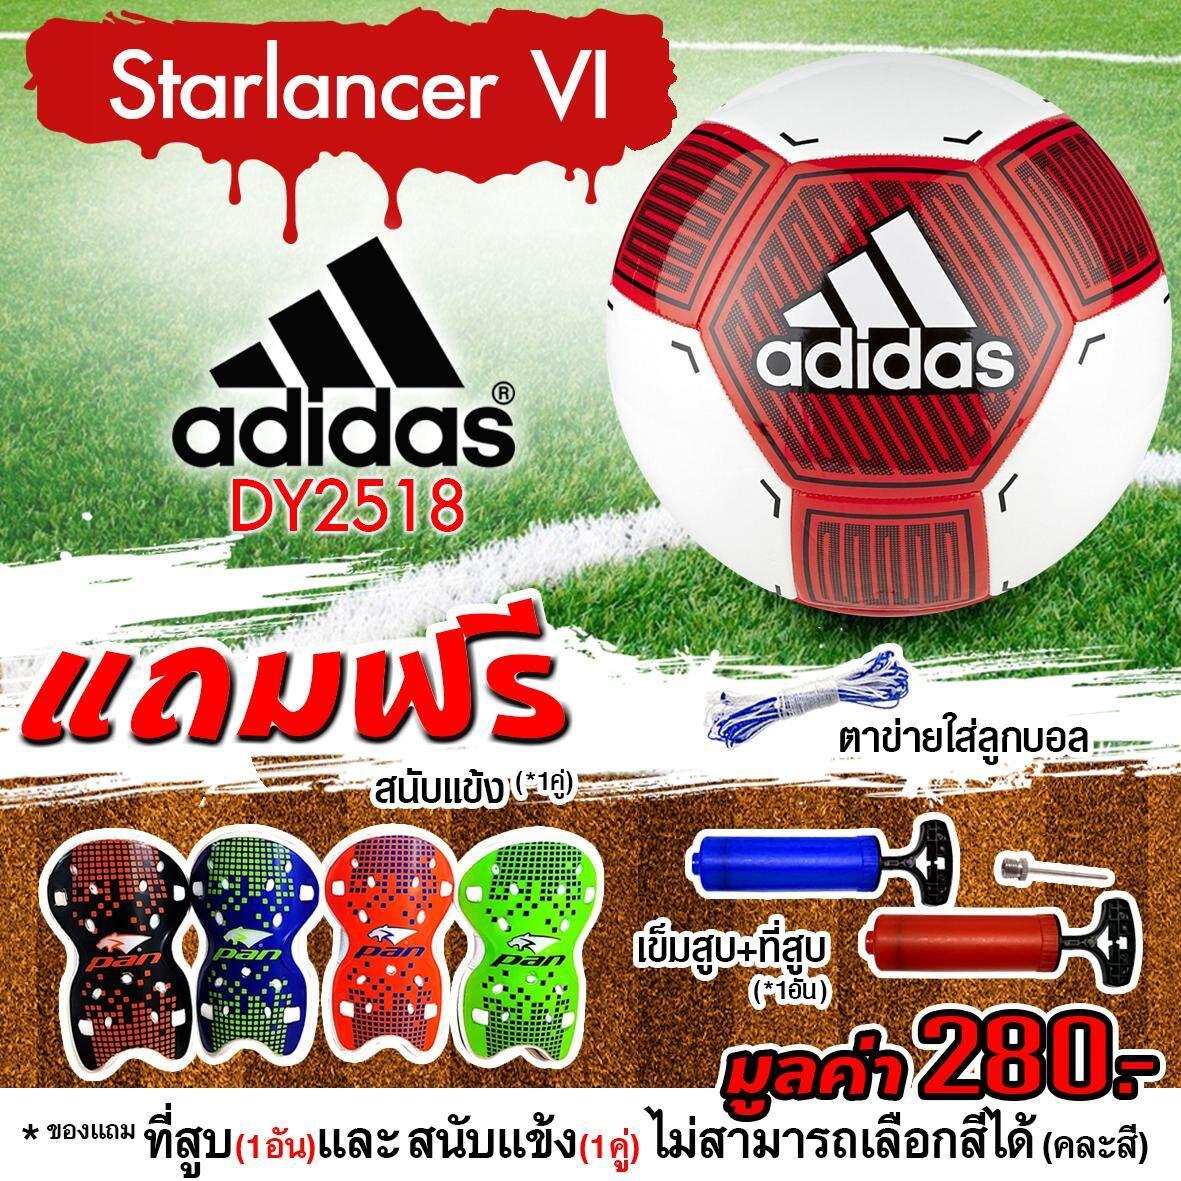 ยี่ห้อไหนดี  แม่ฮ่องสอน Adidas ฟุตบอลหนัง อดิดาส Football Starlancer VI DY2518(500) แถมฟรี ตาข่ายใส่ลูกฟุตบอล + เข็มสูบสูบลม + สูบมือ HP-04 + สนับแข้ง Shin Guard Pan PSS025(280)